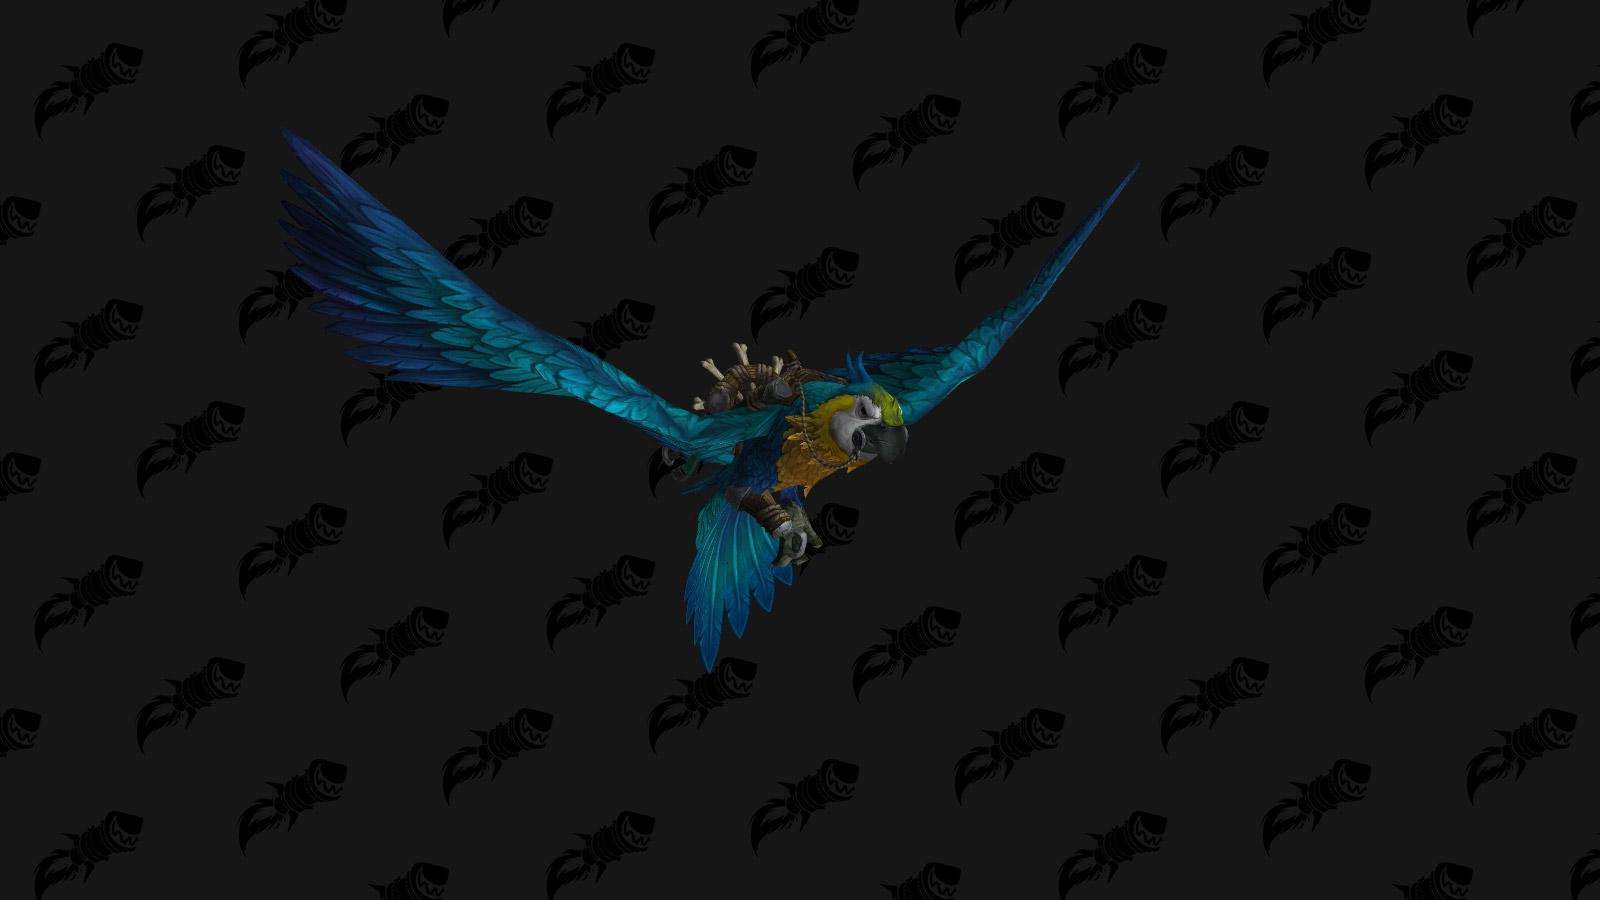 Monture perroquet géant bleu - Battle for Azeroth